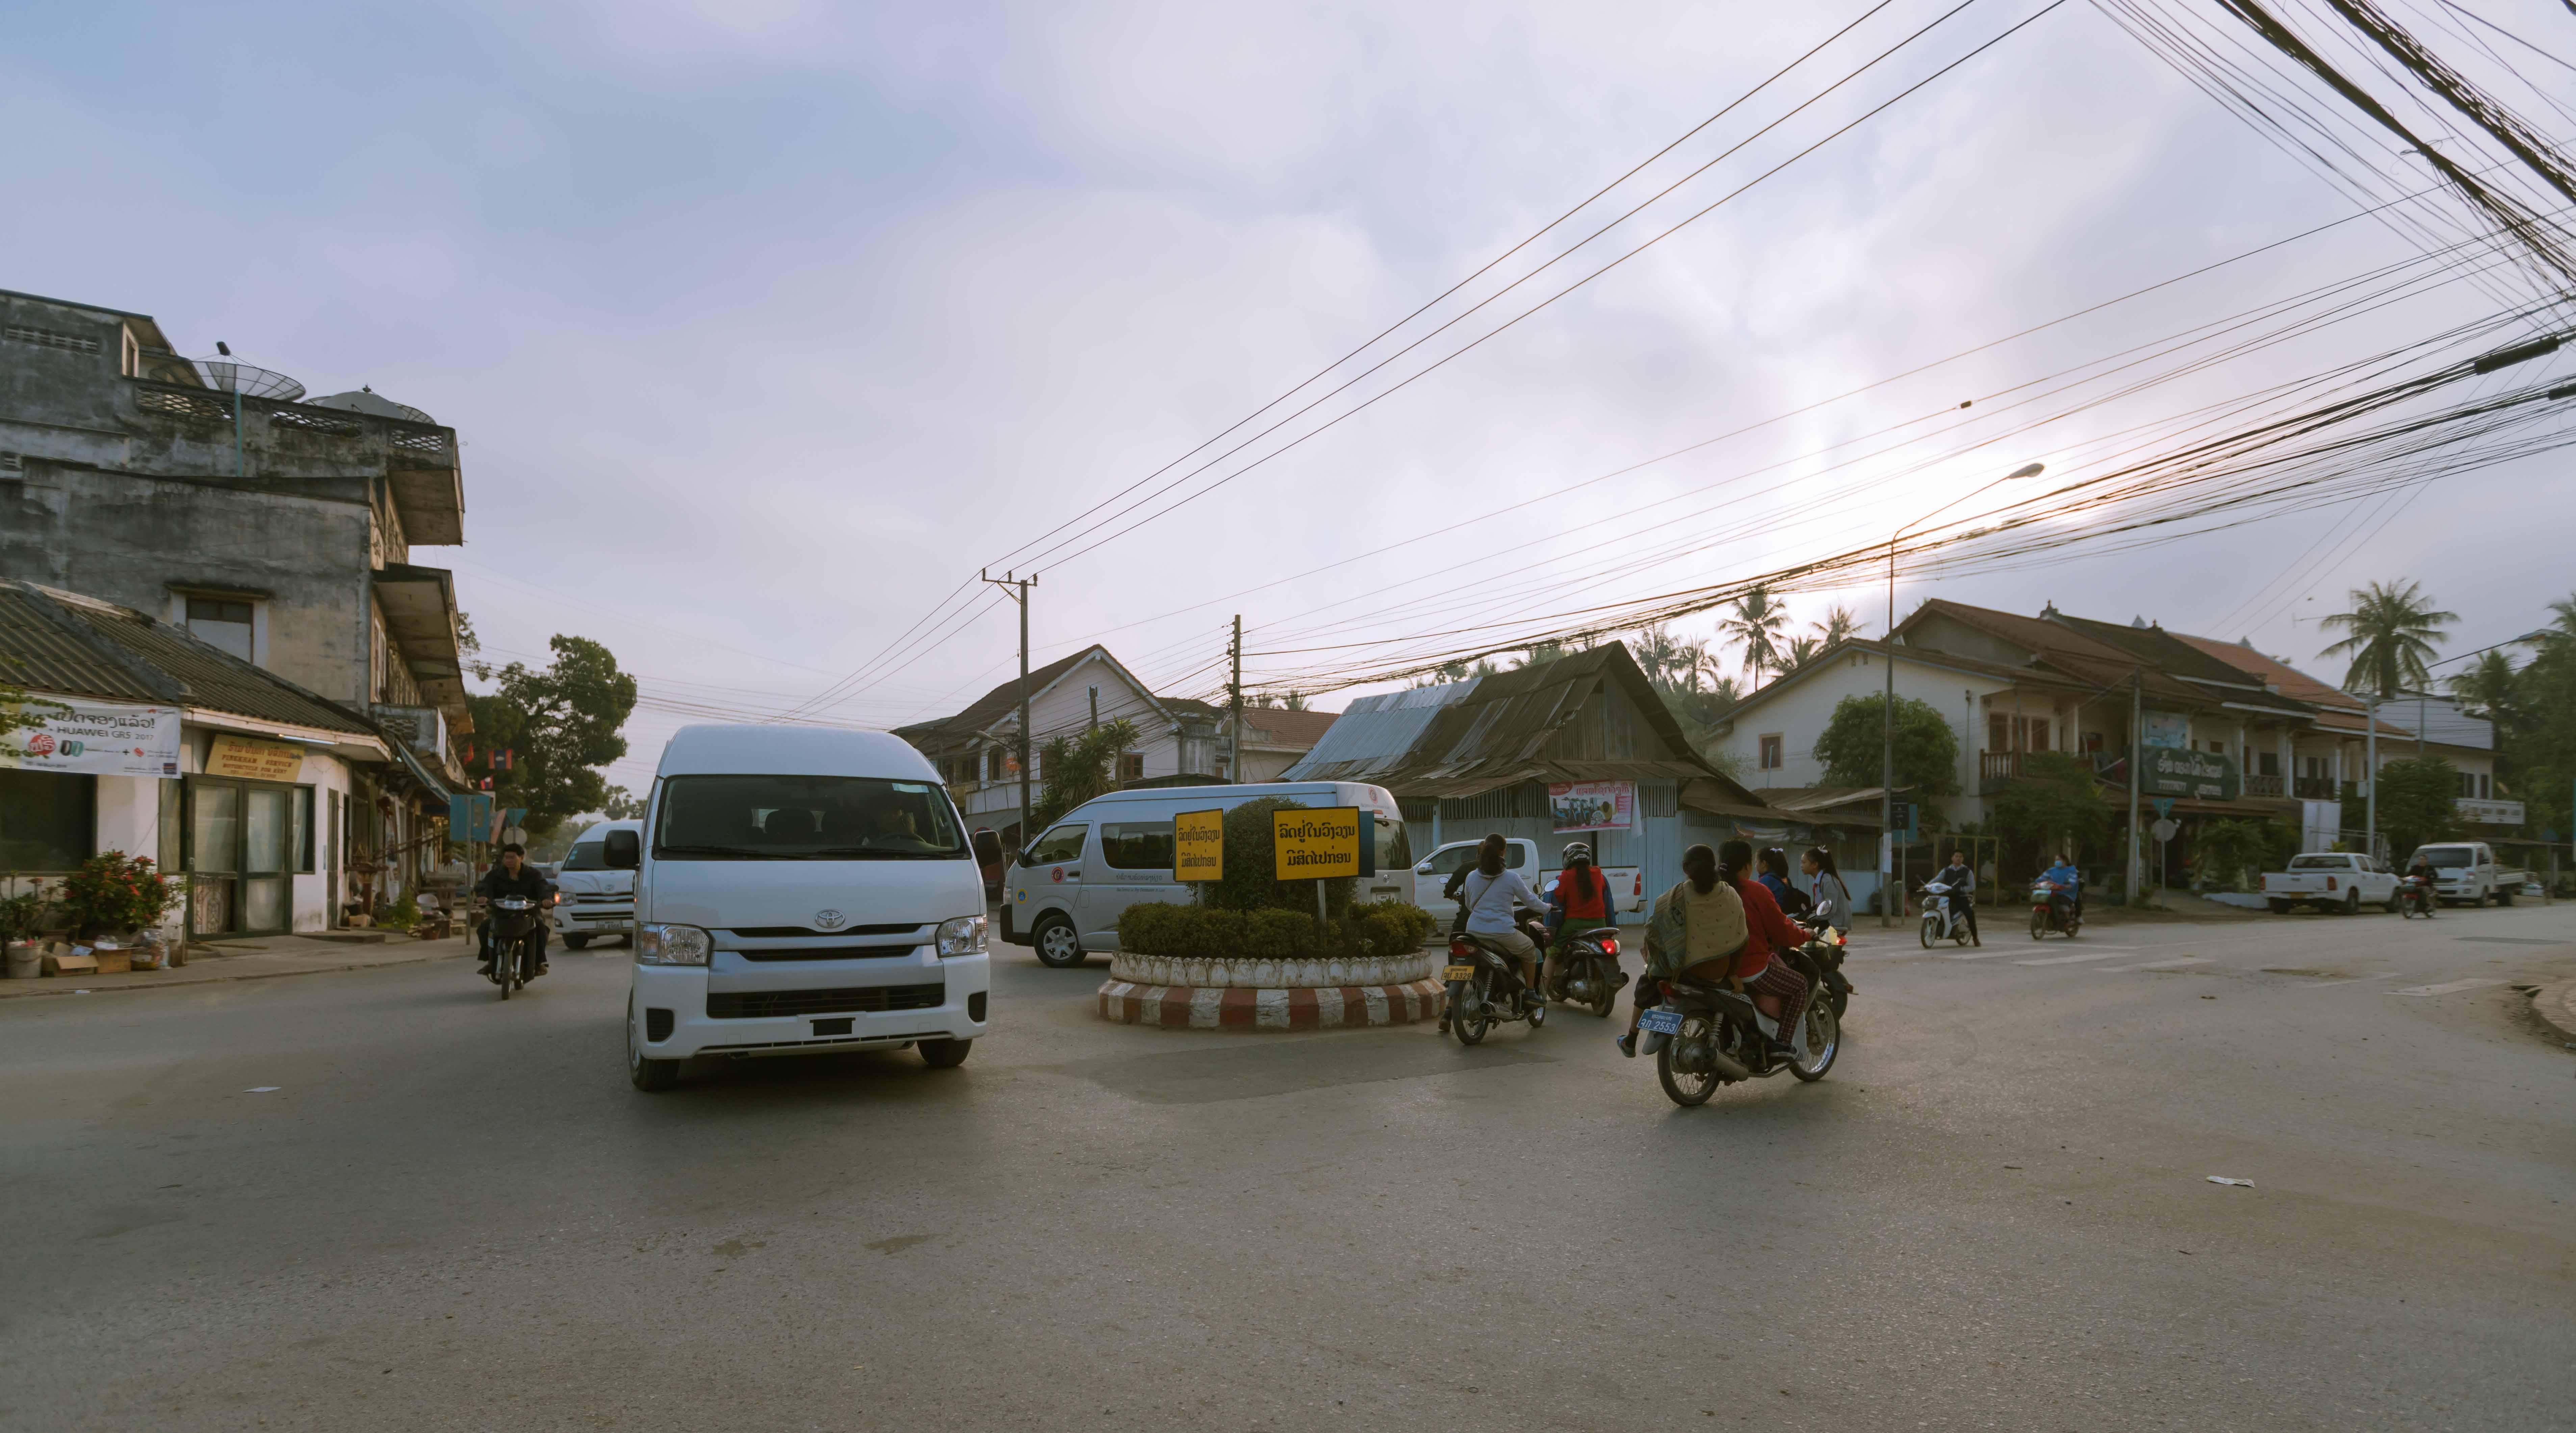 上世纪七十年代中国像啥样?旅行琅勃拉邦发现参考样本 - 勒克儿 - 党青博客